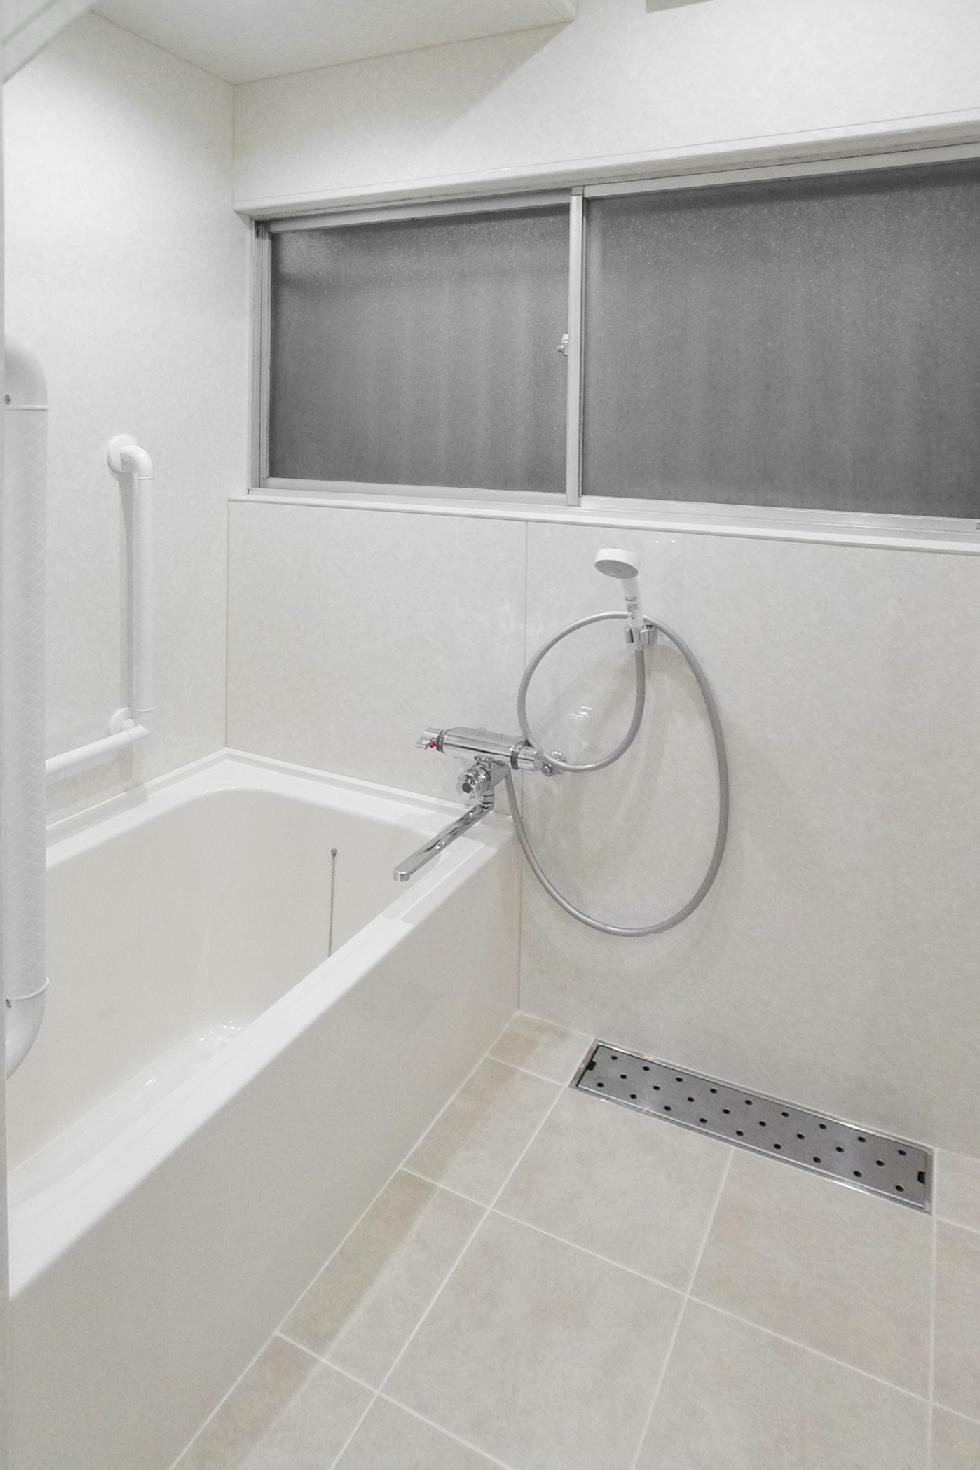 相模原市 一戸建て在来浴室リフォーム